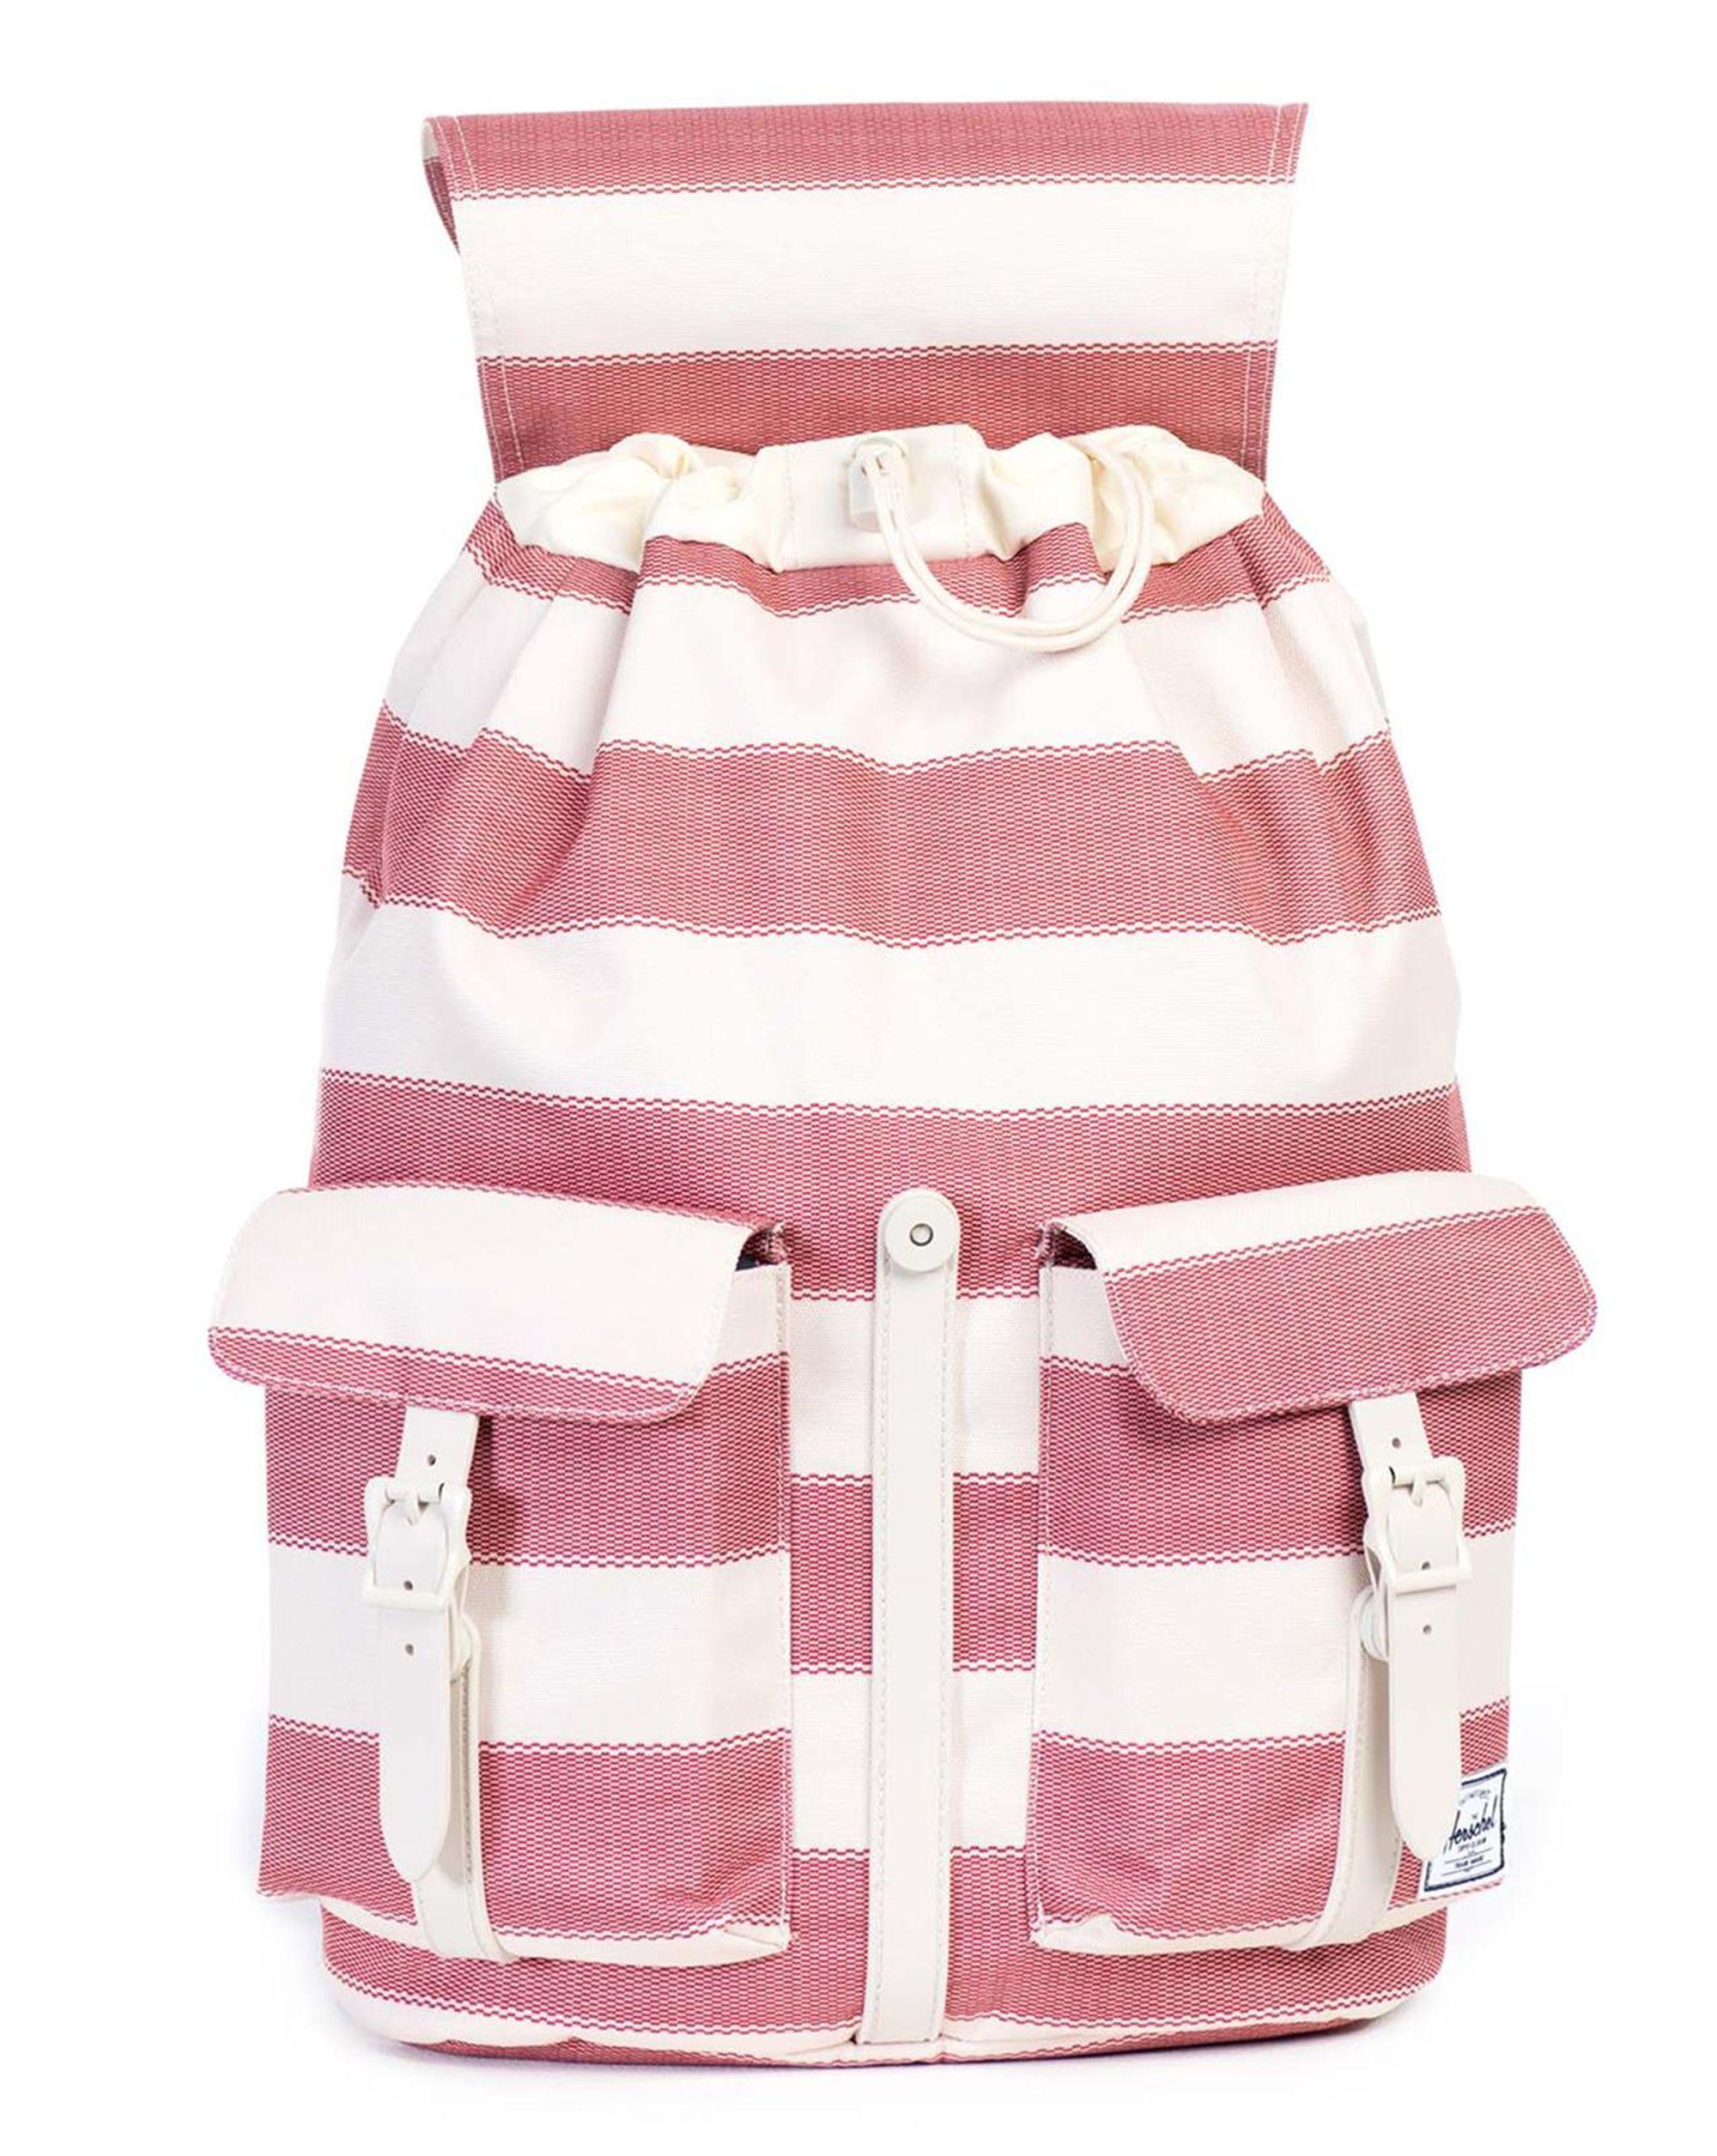 herschel supply co red beige striped dawson backpack 23 5 l in red for men lyst. Black Bedroom Furniture Sets. Home Design Ideas